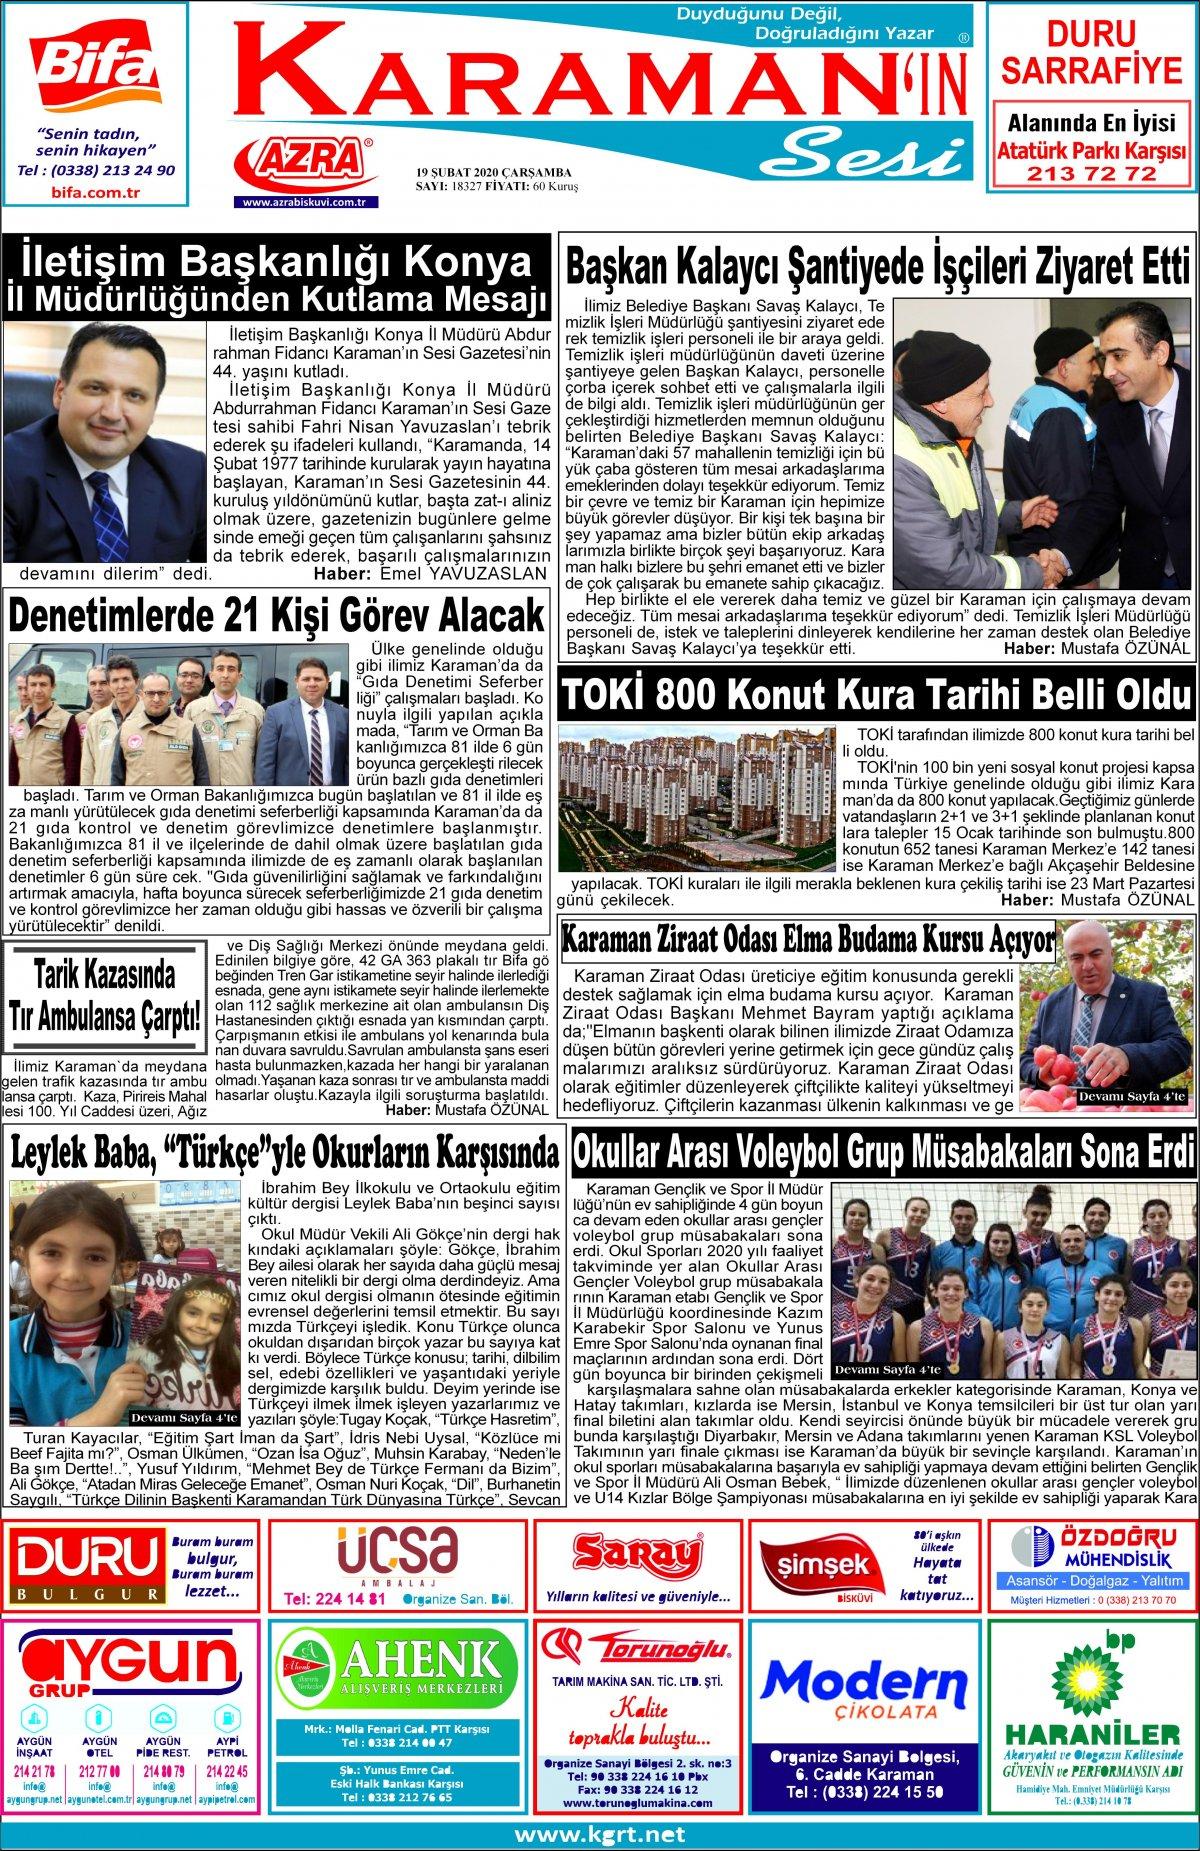 www.kgrt.net | Karaman Haber - 19.02.2020 Manşeti